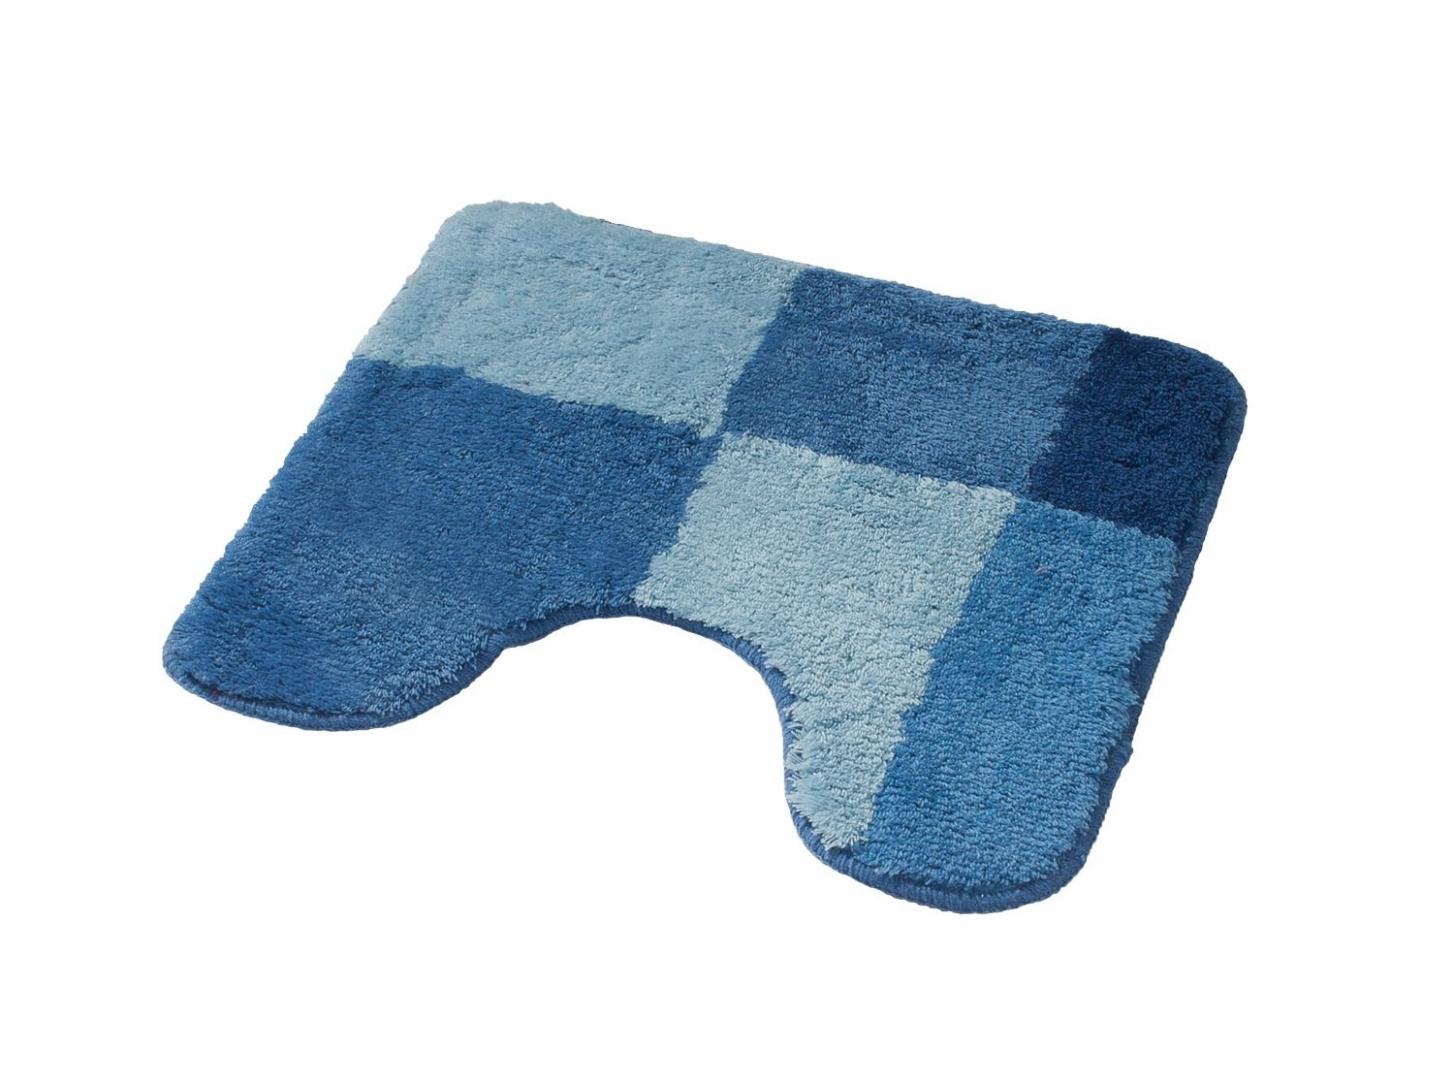 Коврик для ванной комнаты Pisa синий/голубой 50*50